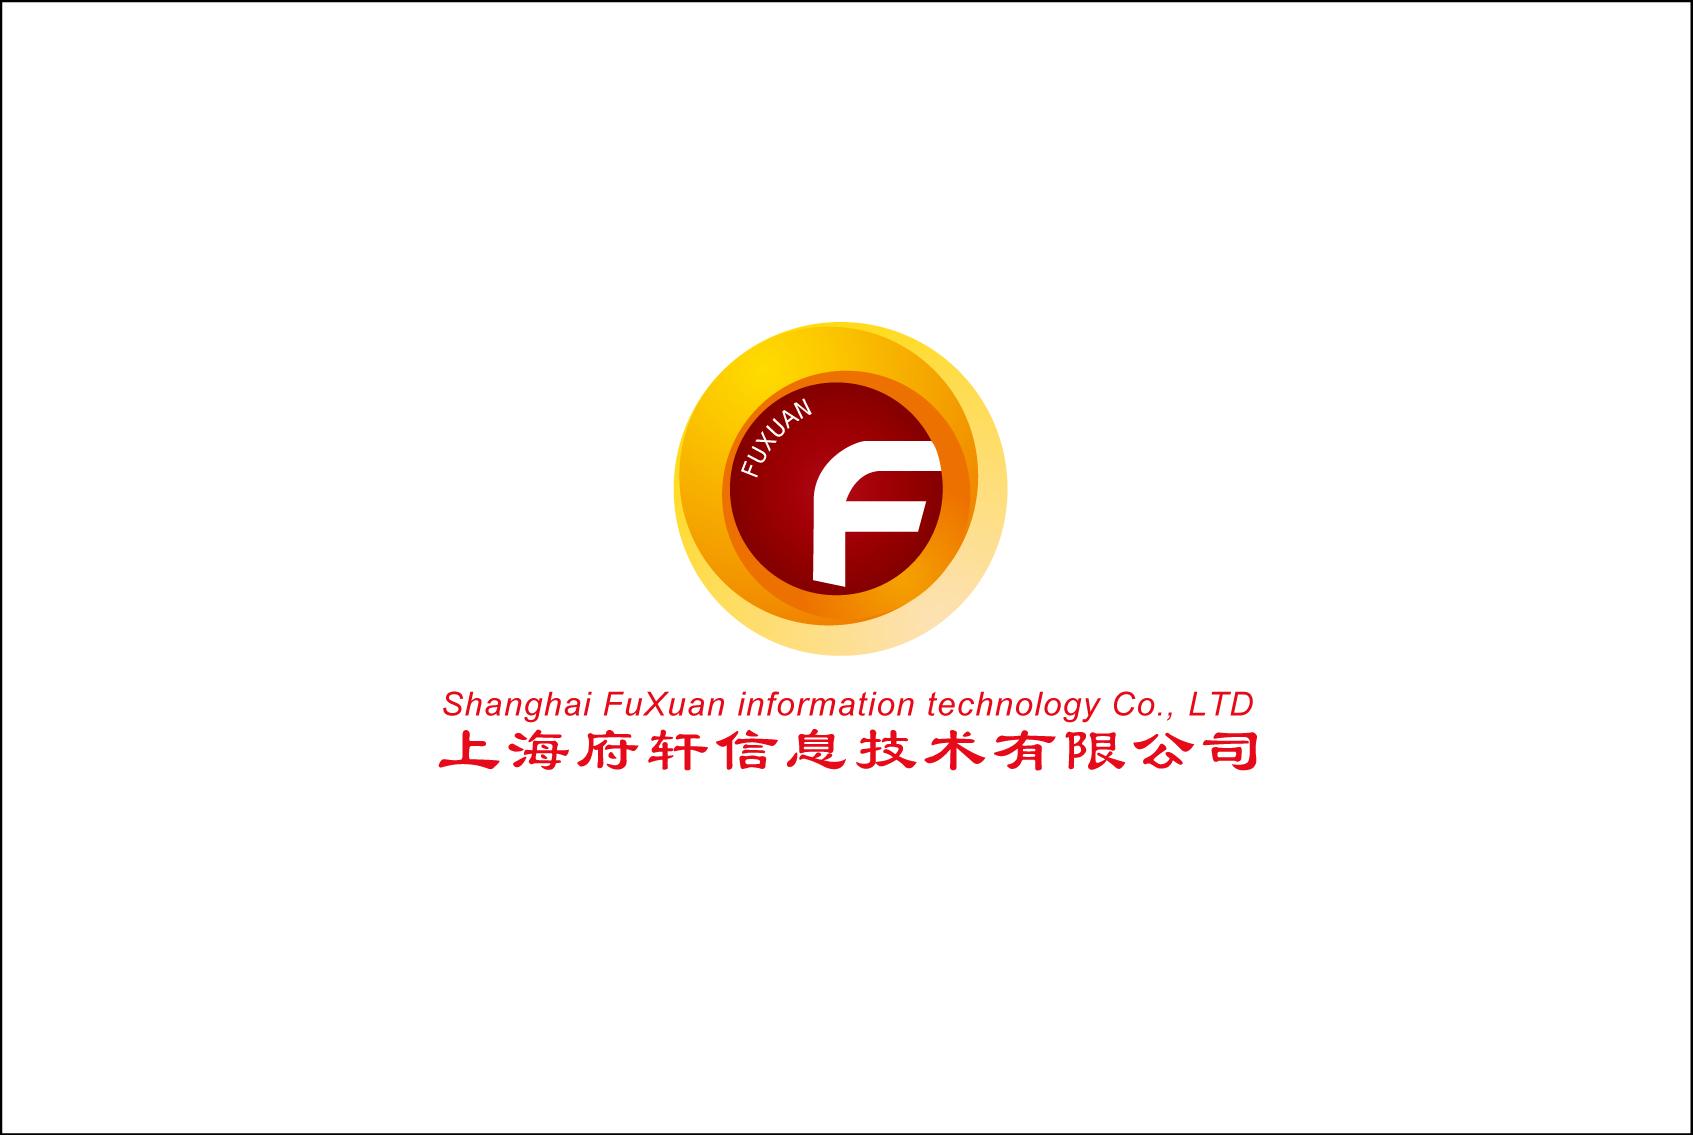 上海府轩信息技术有限公司